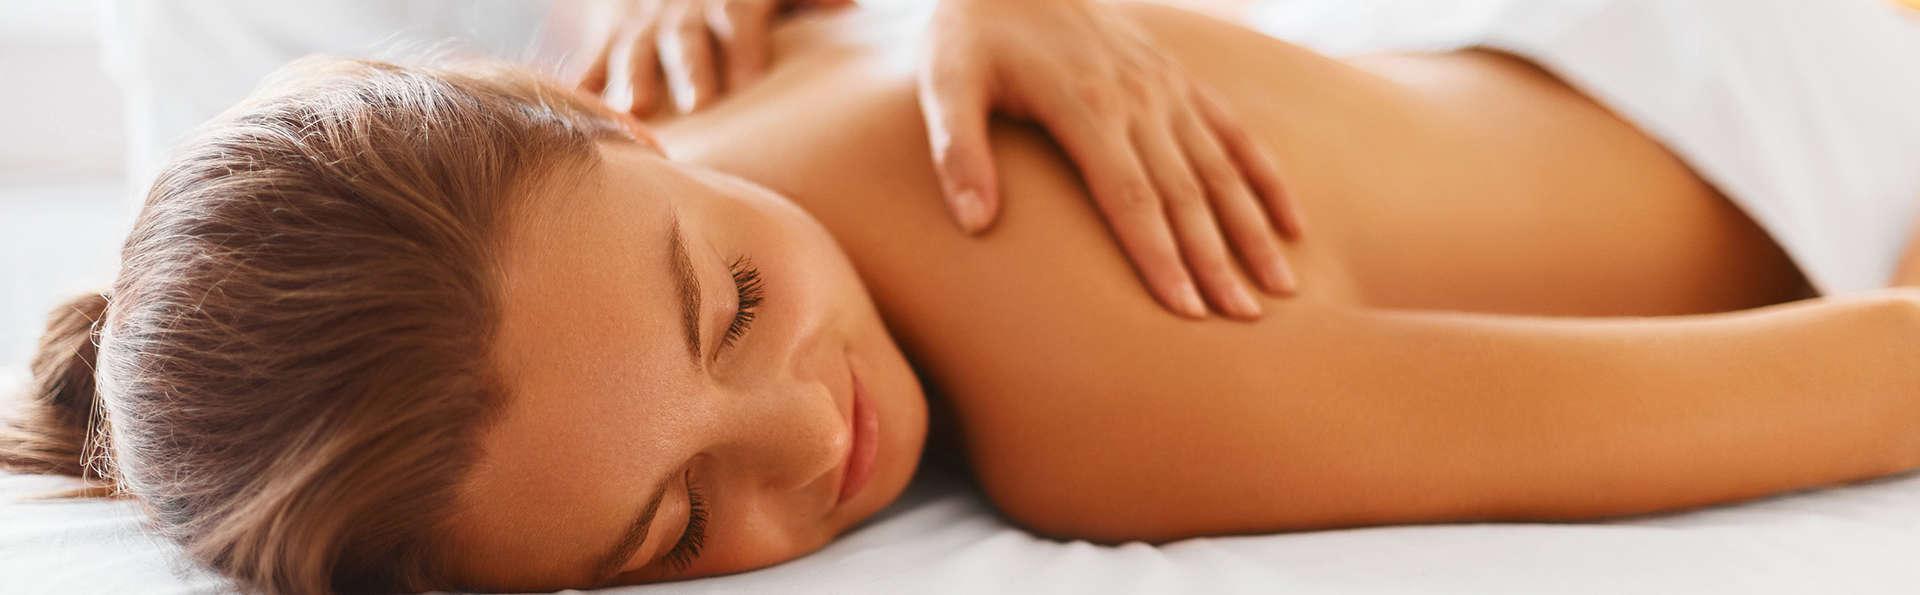 Relájate con un masaje y brinda con cava en Elche